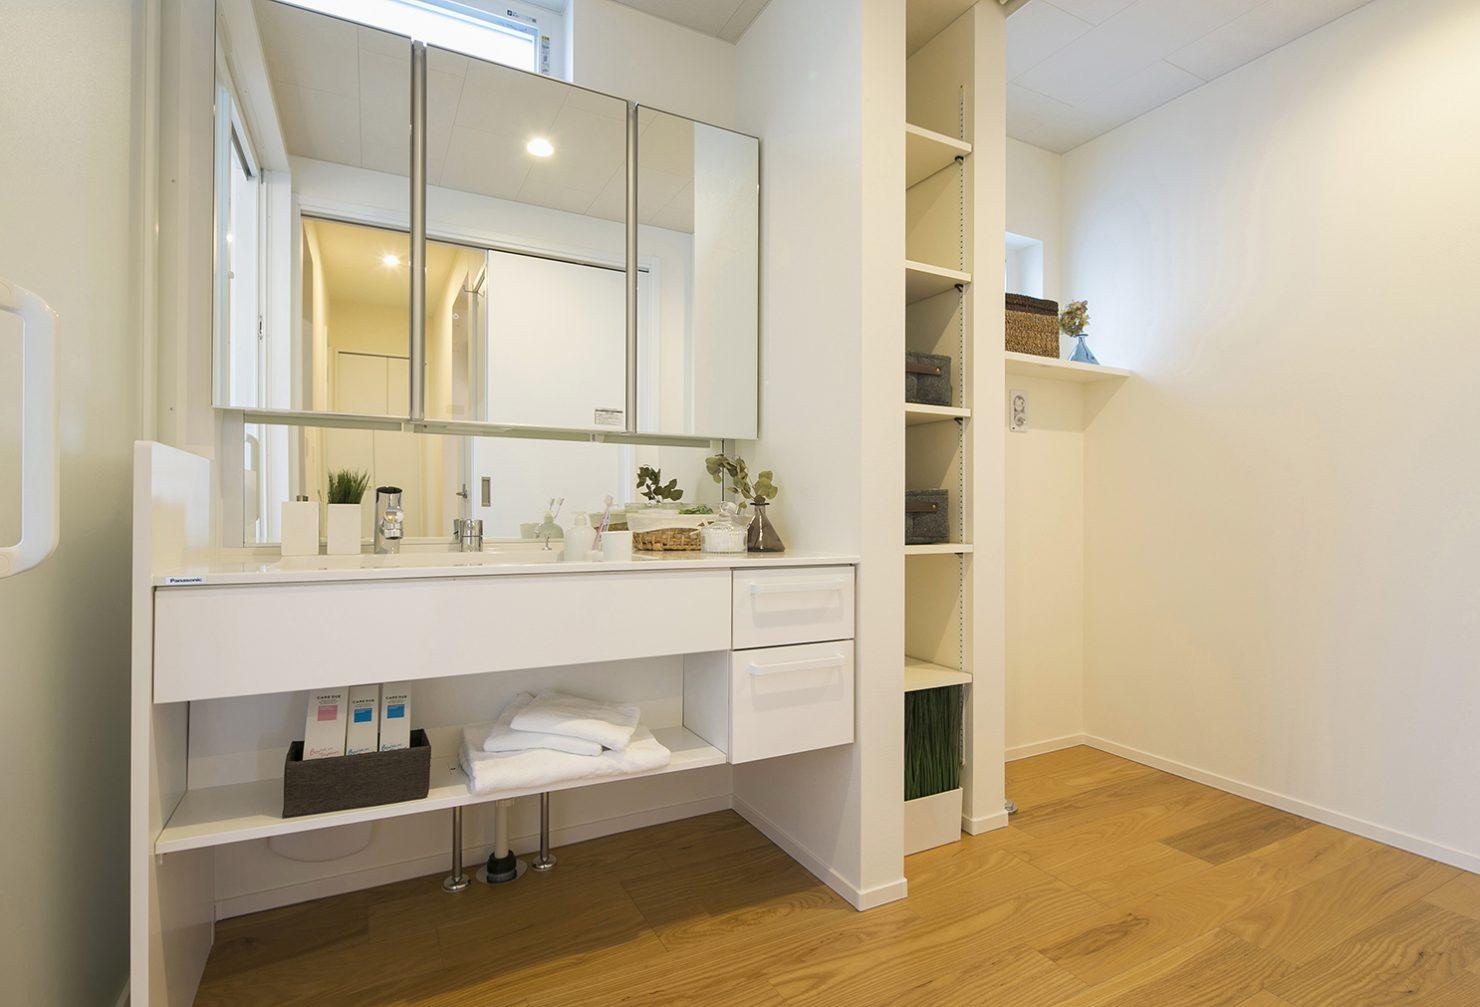 ハウスM21「時代に即した新たな形の「平屋」空間」1F洗面写真